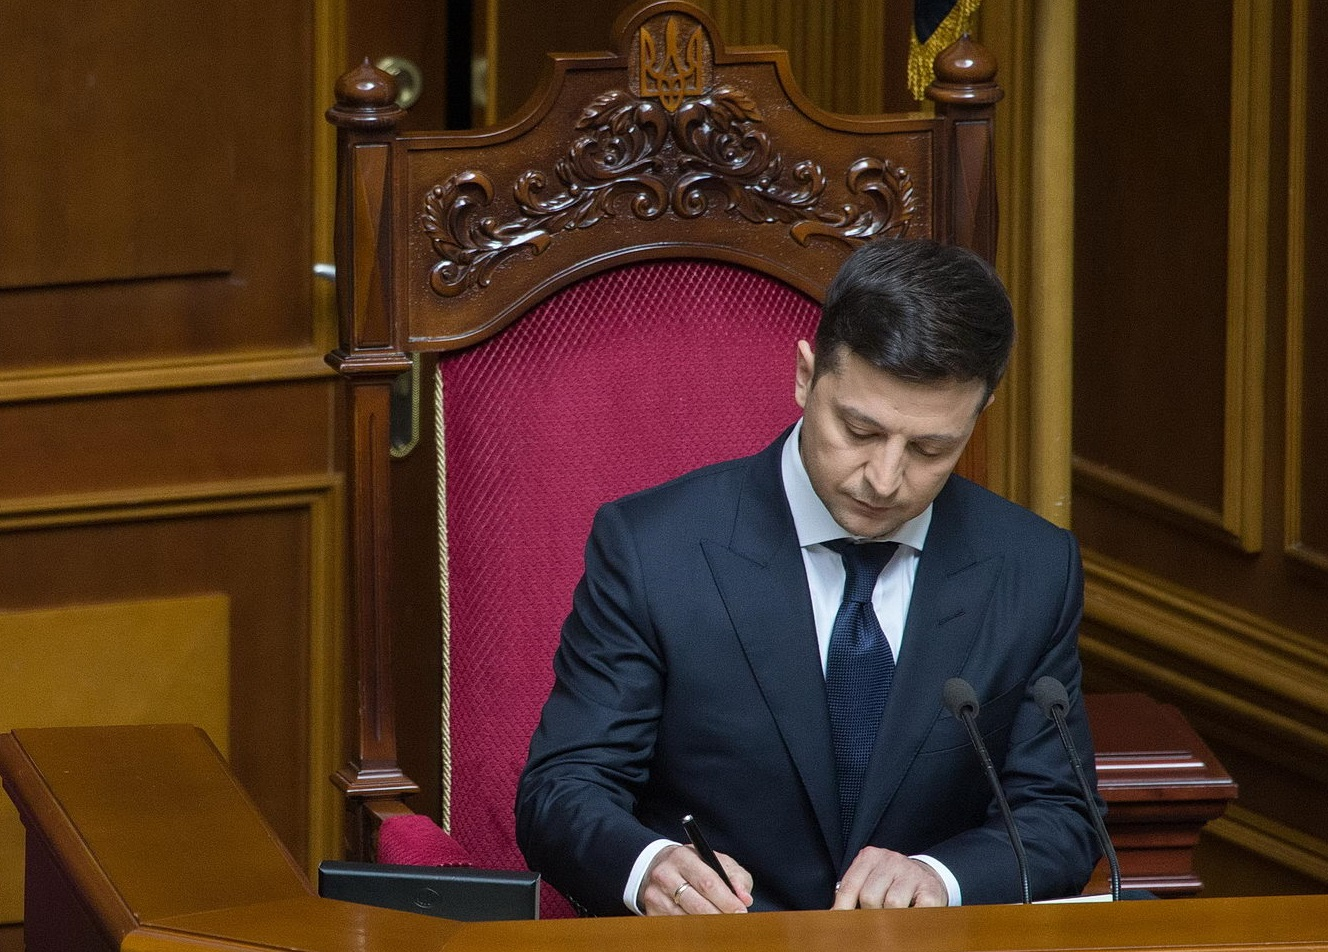 Верховная Рада Украины приняла законопроект Зеленского об импичменте президента